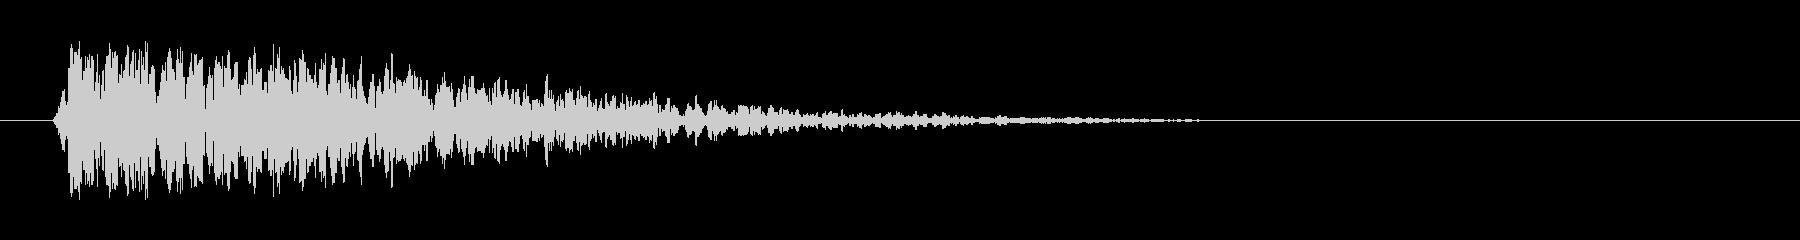 ドラマチックなディープドラムインパクトの未再生の波形